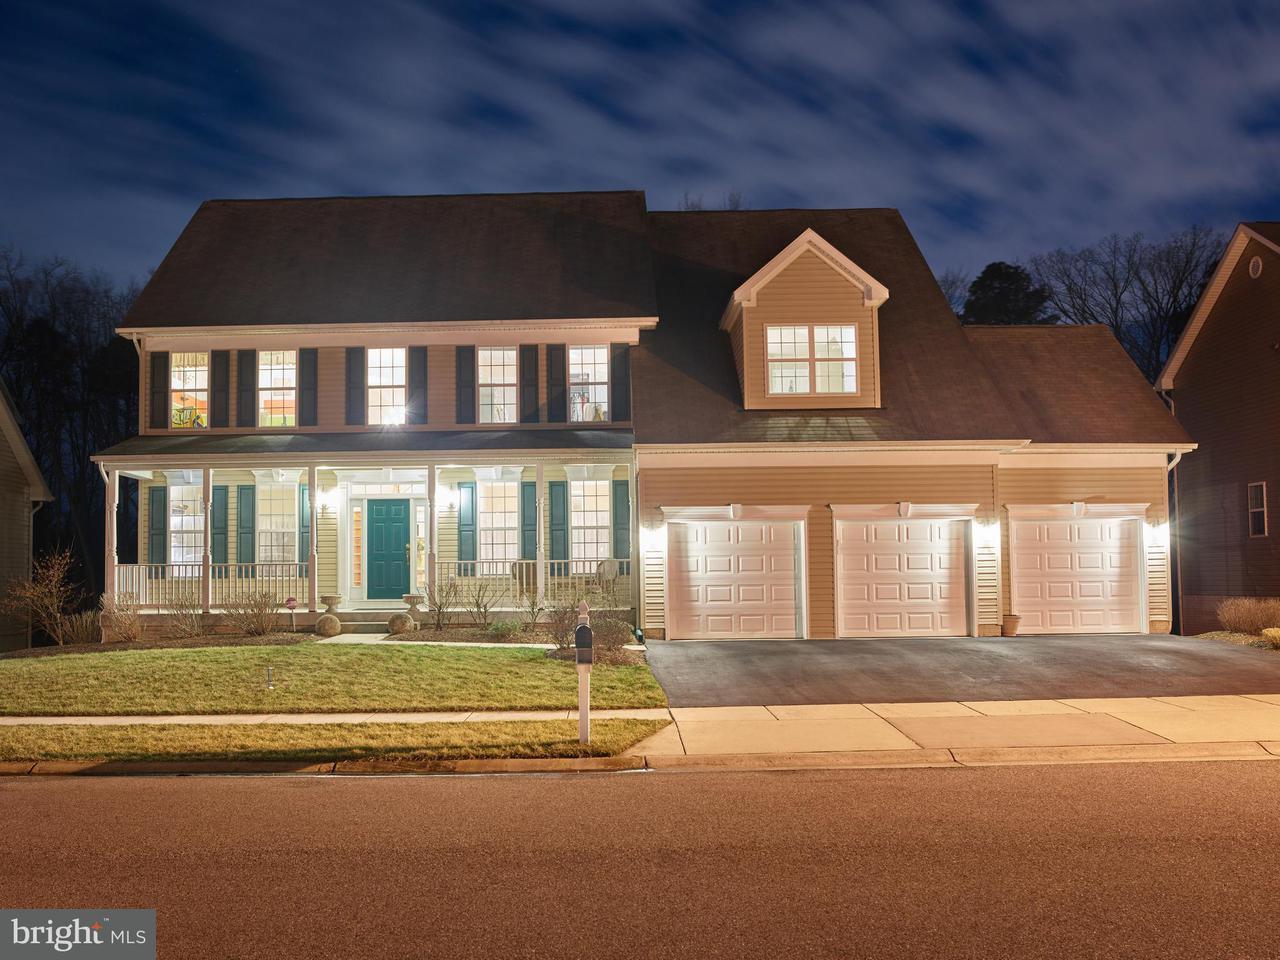 獨棟家庭住宅 為 出售 在 7409 Campbell Drive 7409 Campbell Drive Severn, 馬里蘭州 21144 美國